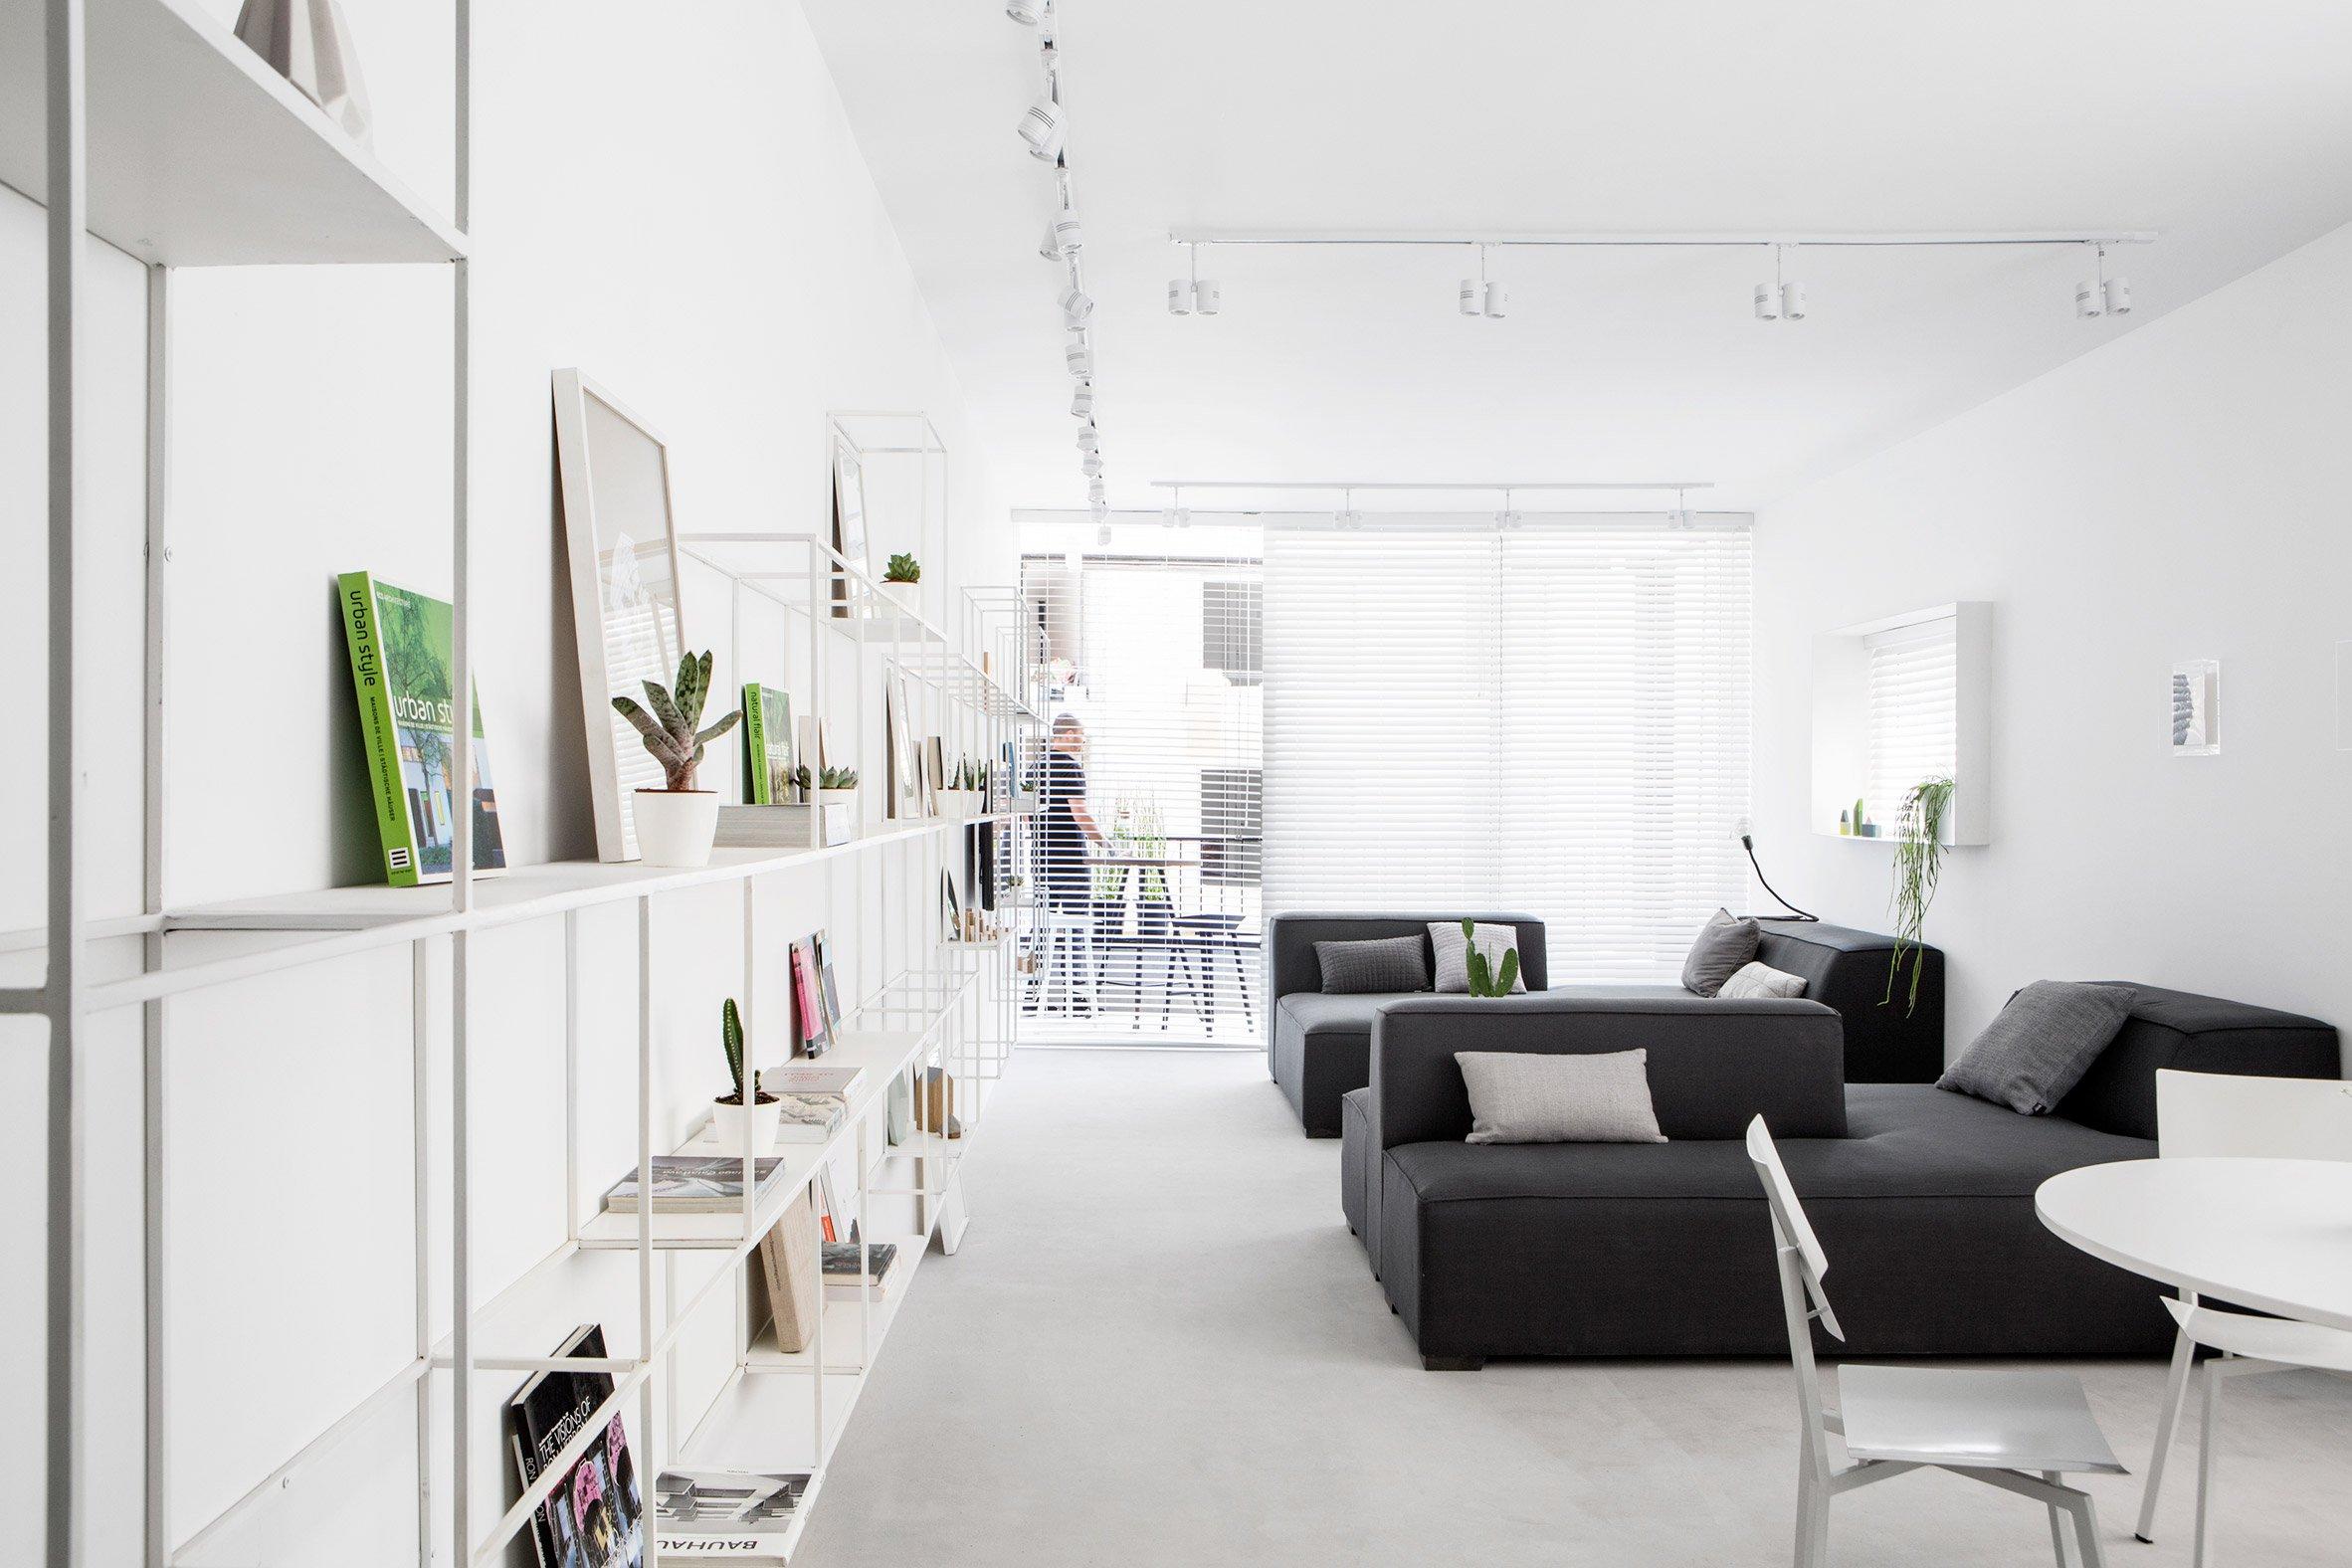 architecture_apartment_minimal_tel-aviv_design_studia_interiors_osnovadesign_osnova_poltava_07